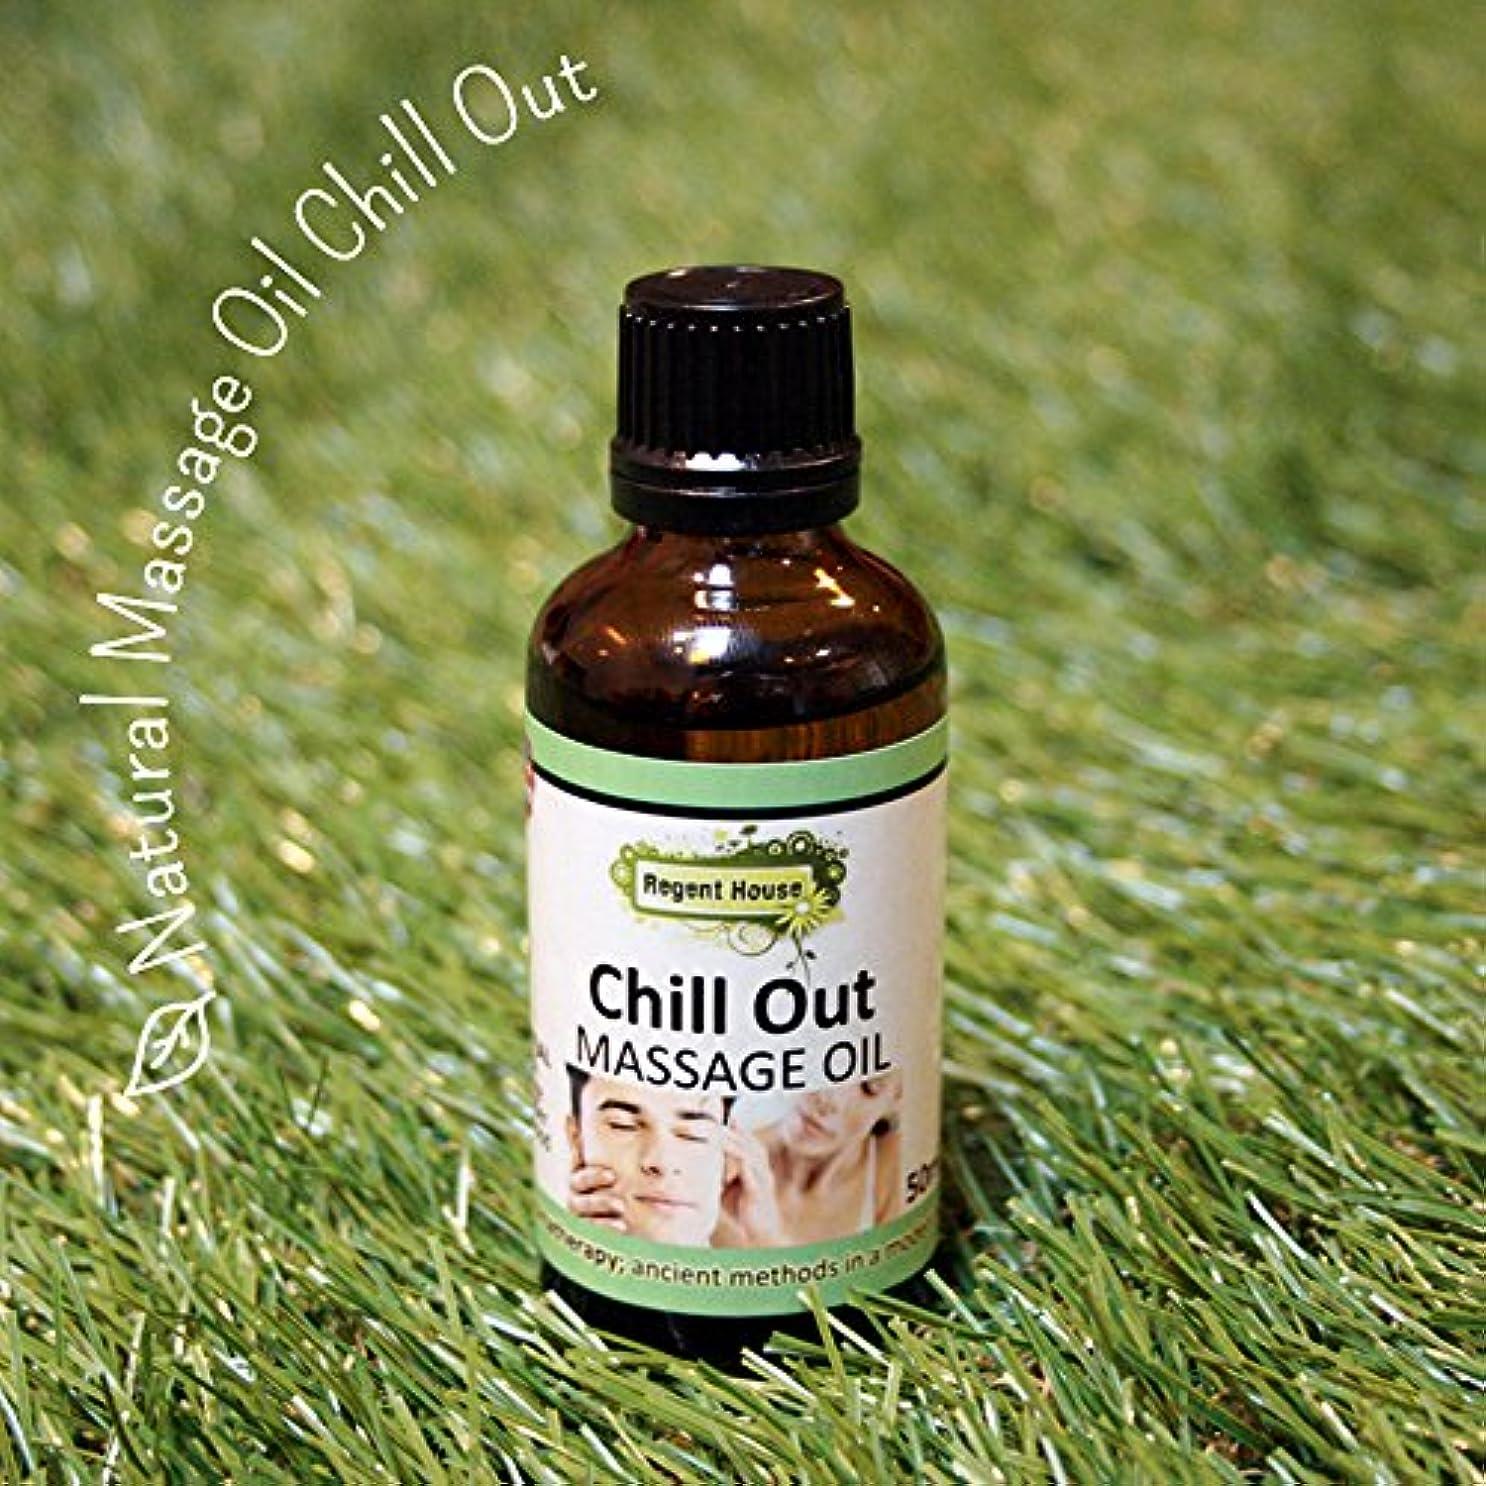 スカイかなりの国民貴重なローズウッドを、たっぷり配合しました。 アロマ ナチュラル マッサージオイル 50ml チルアウト(Aroma Massage Oil Chill Out)